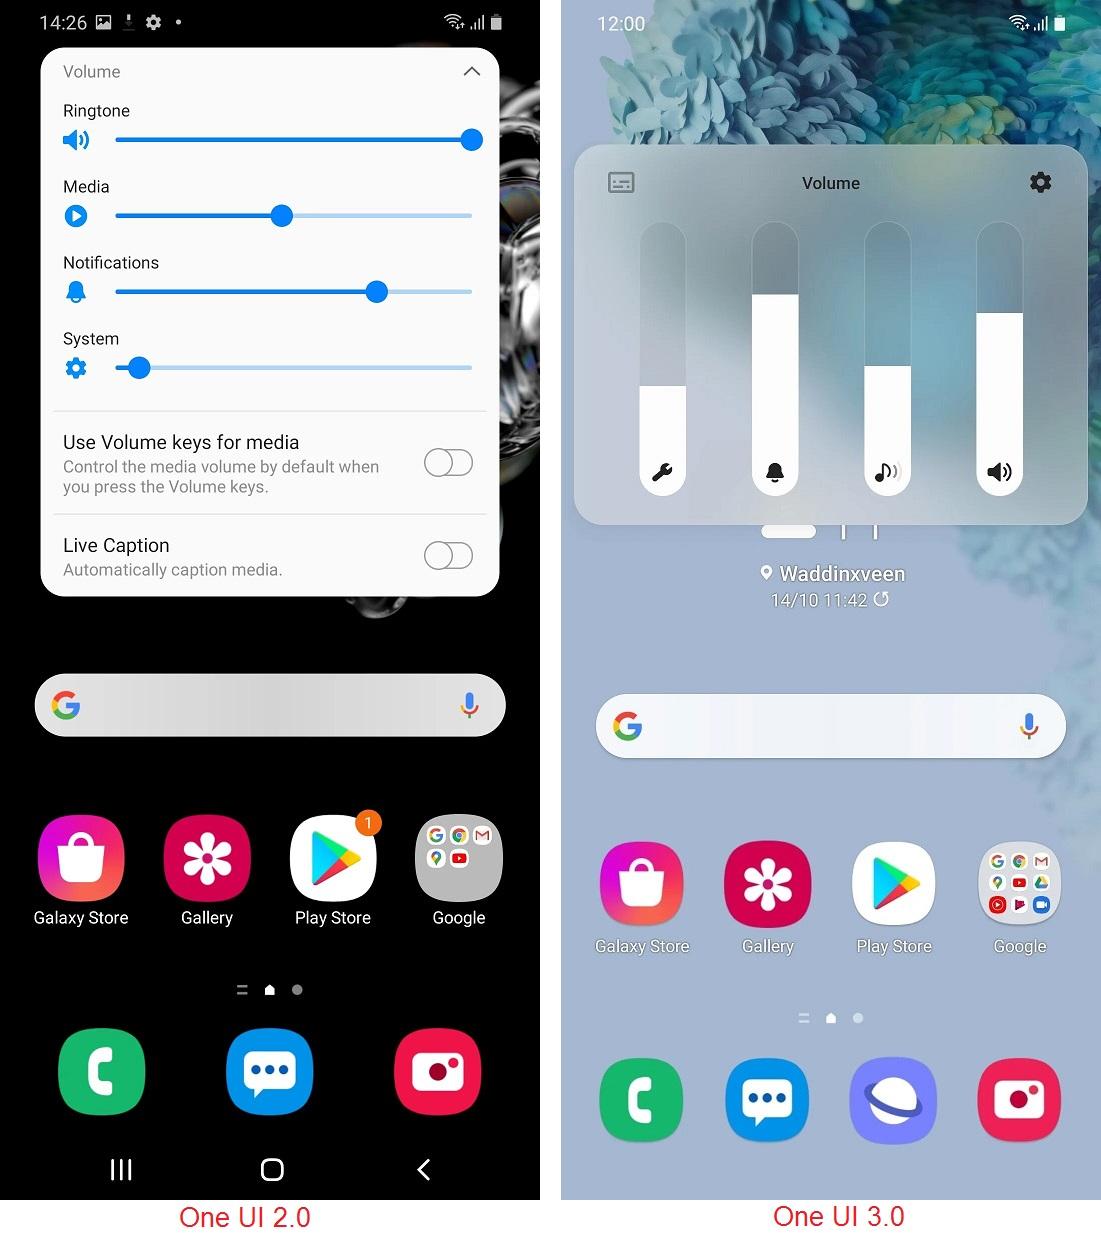 تغییرات رابط کاربری One UI 3.0